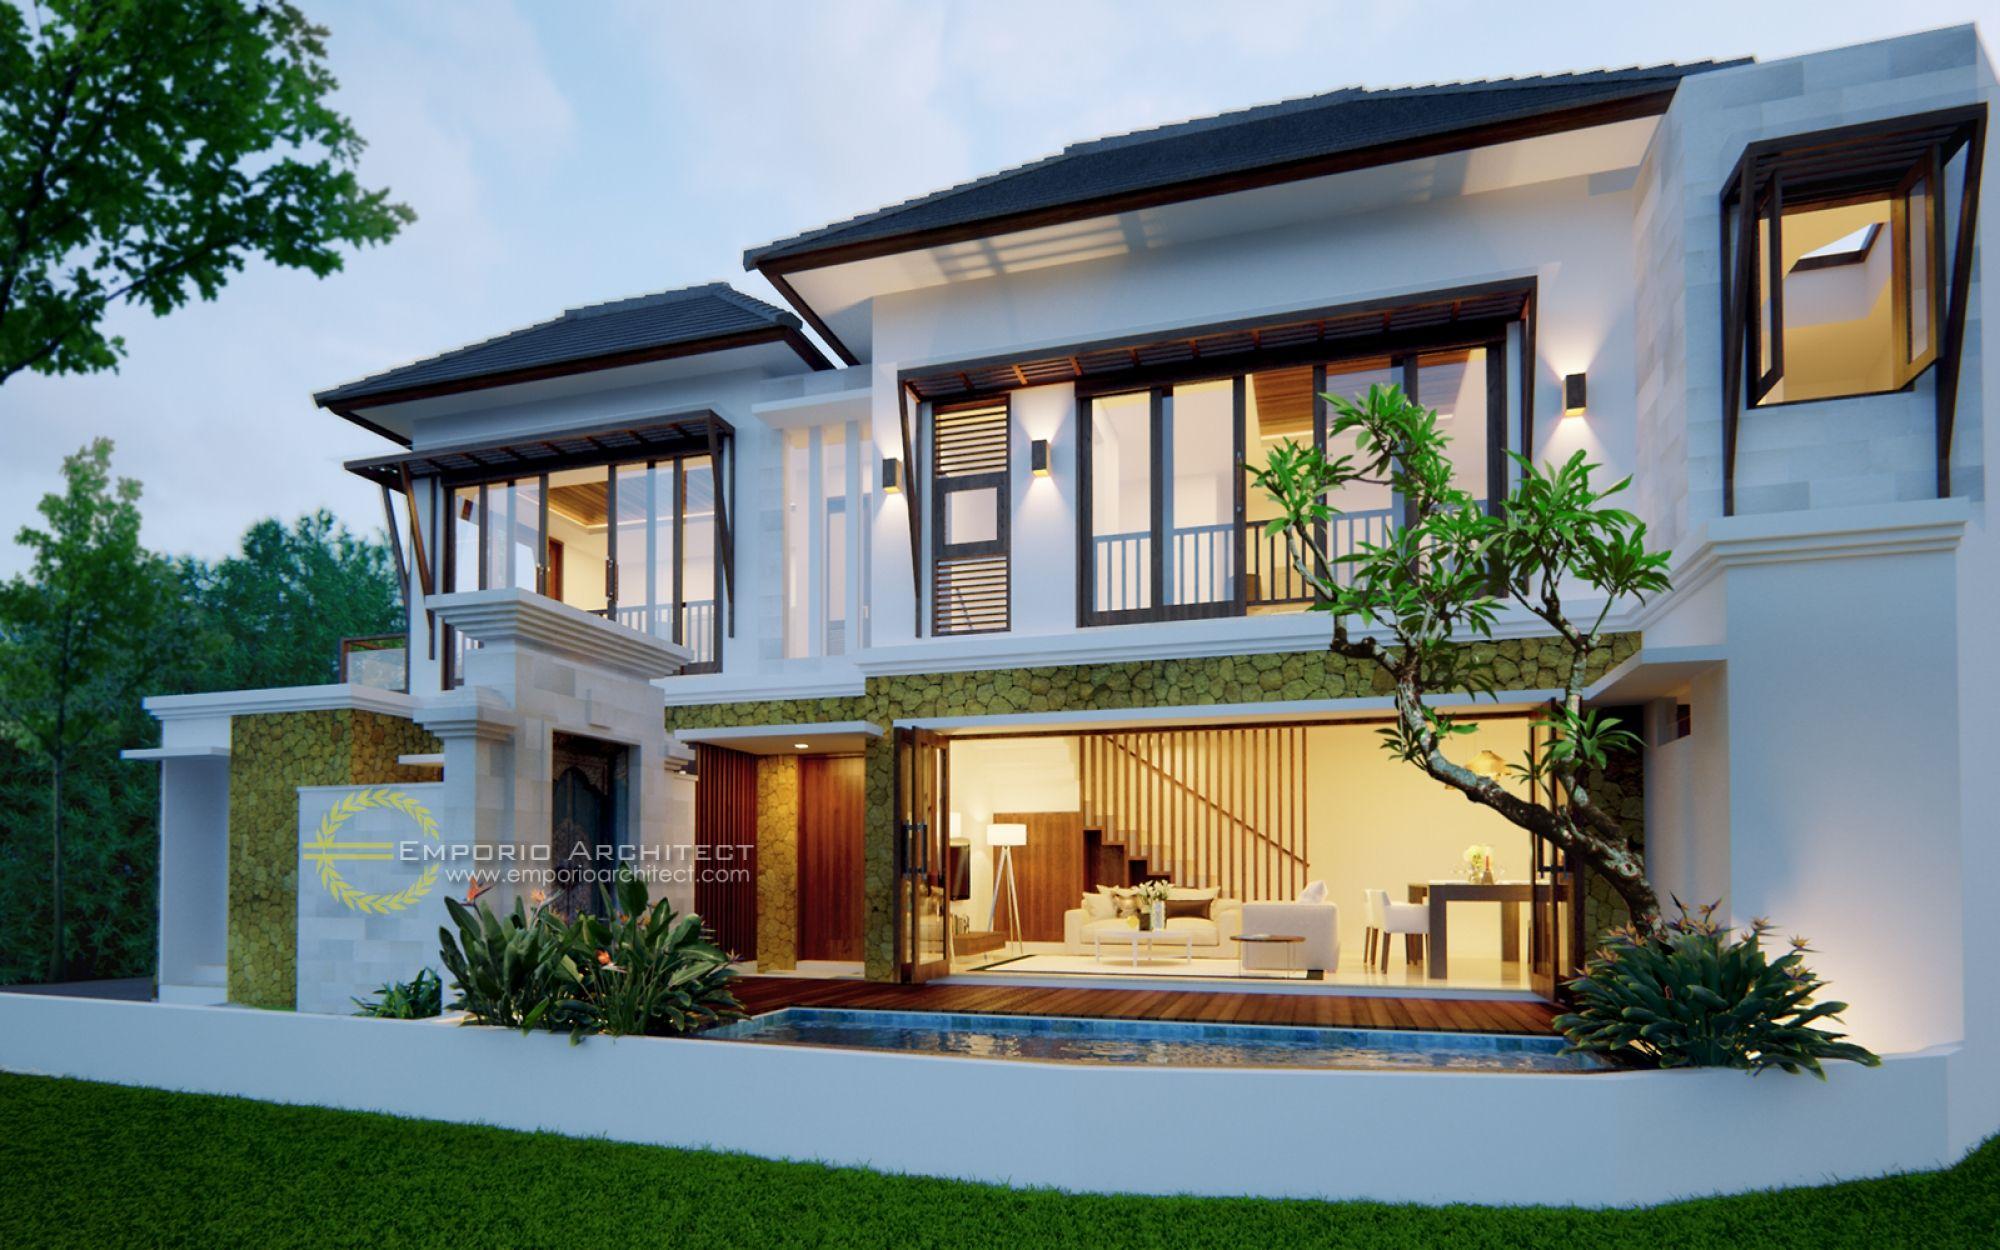 Fantastisch Mitte Des Jahrhunderts Moderne Häuser Jasa Arsitek Desain Villa Bapak Agung  Kurnia Ubud Bali Jasa Arsitek